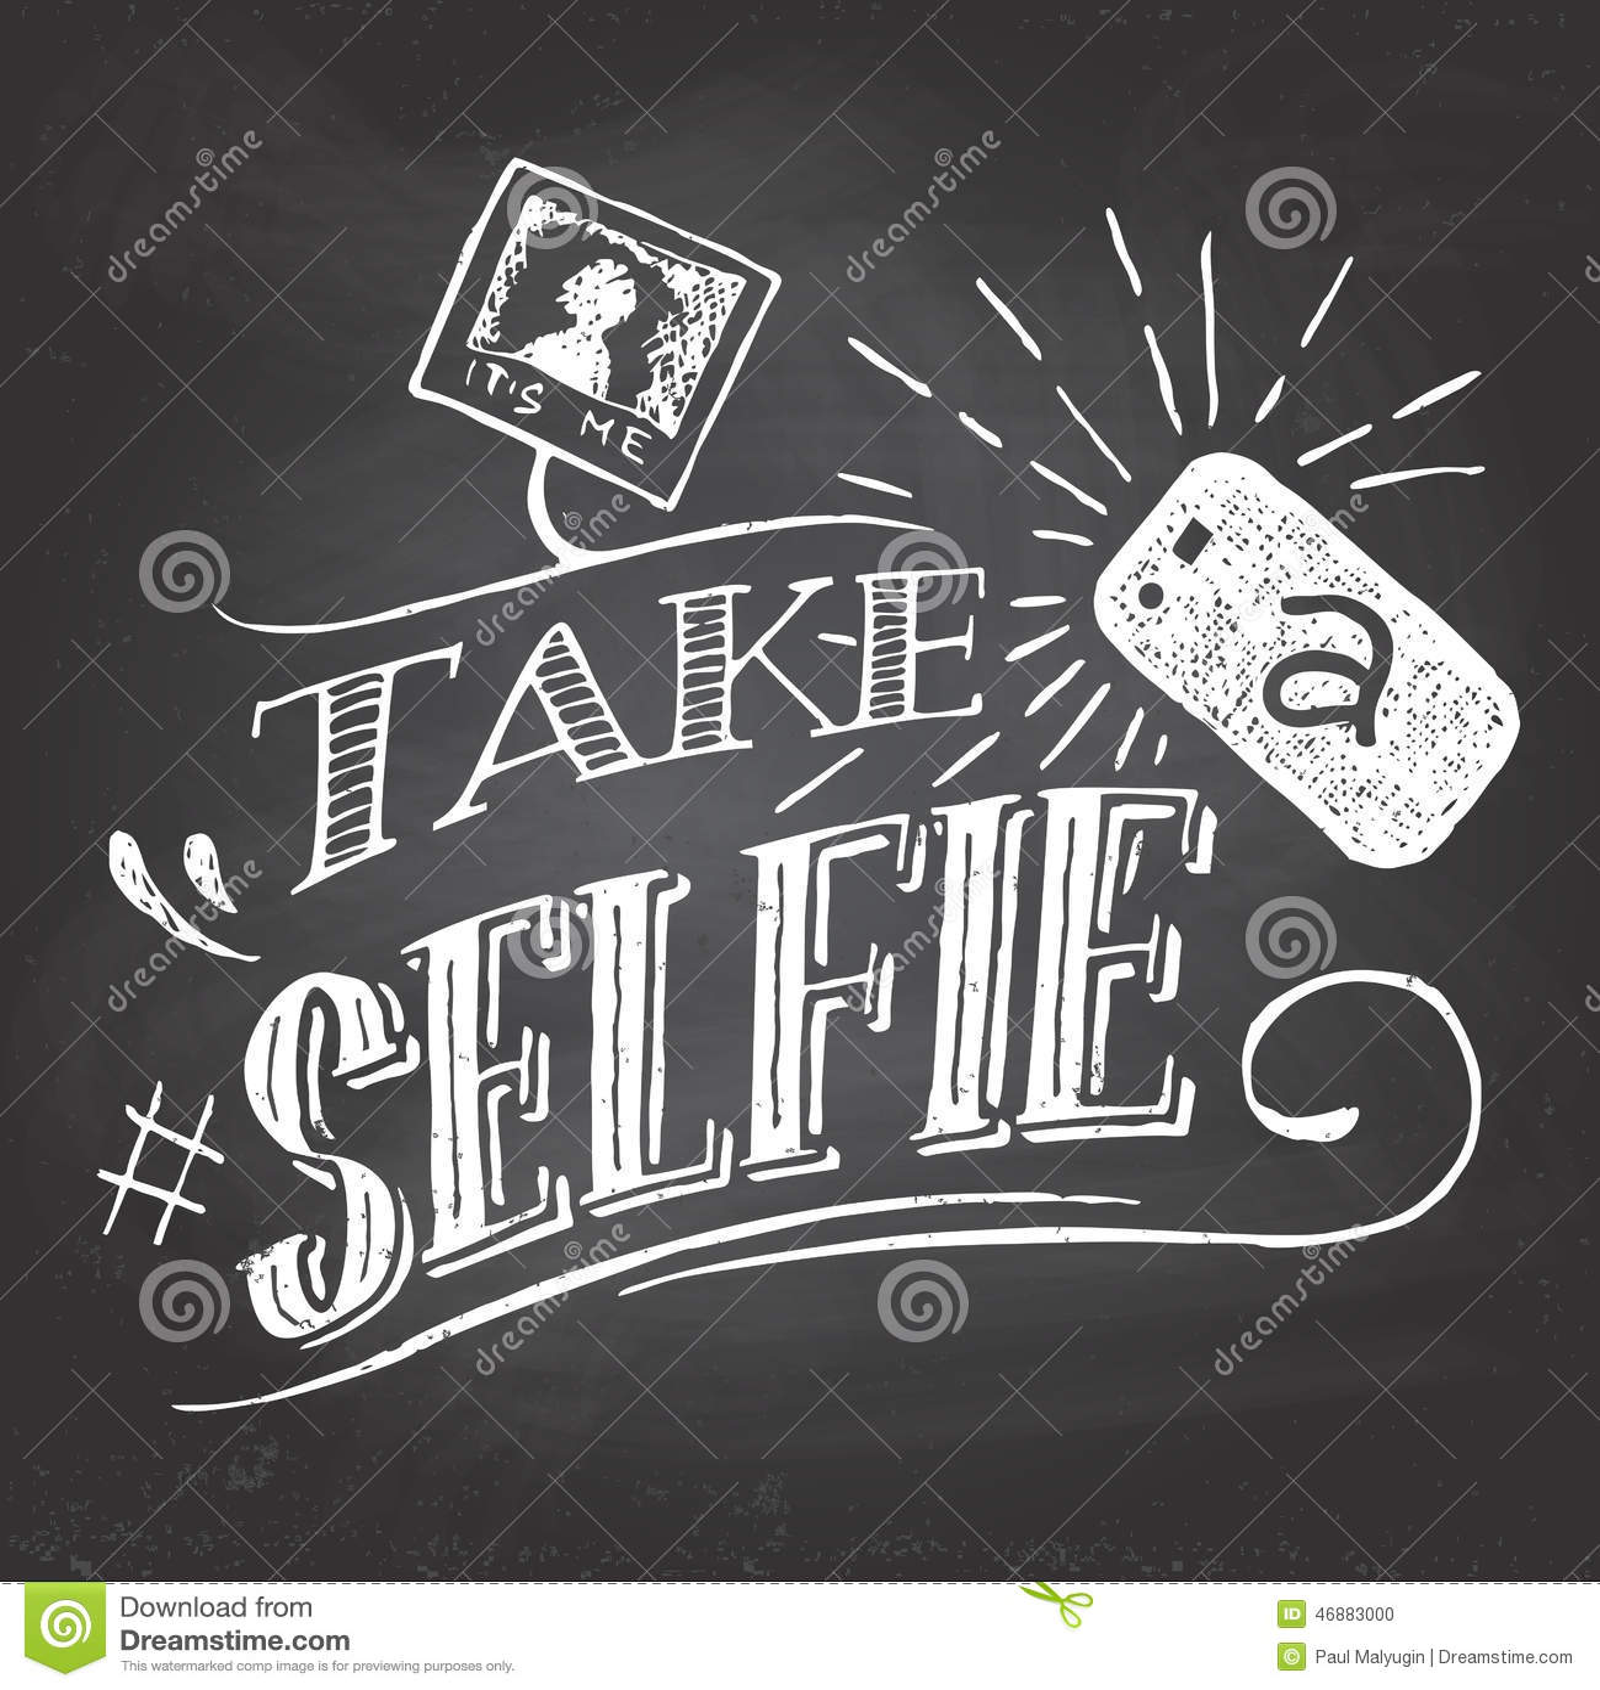 Tome un selfie en la pizarra